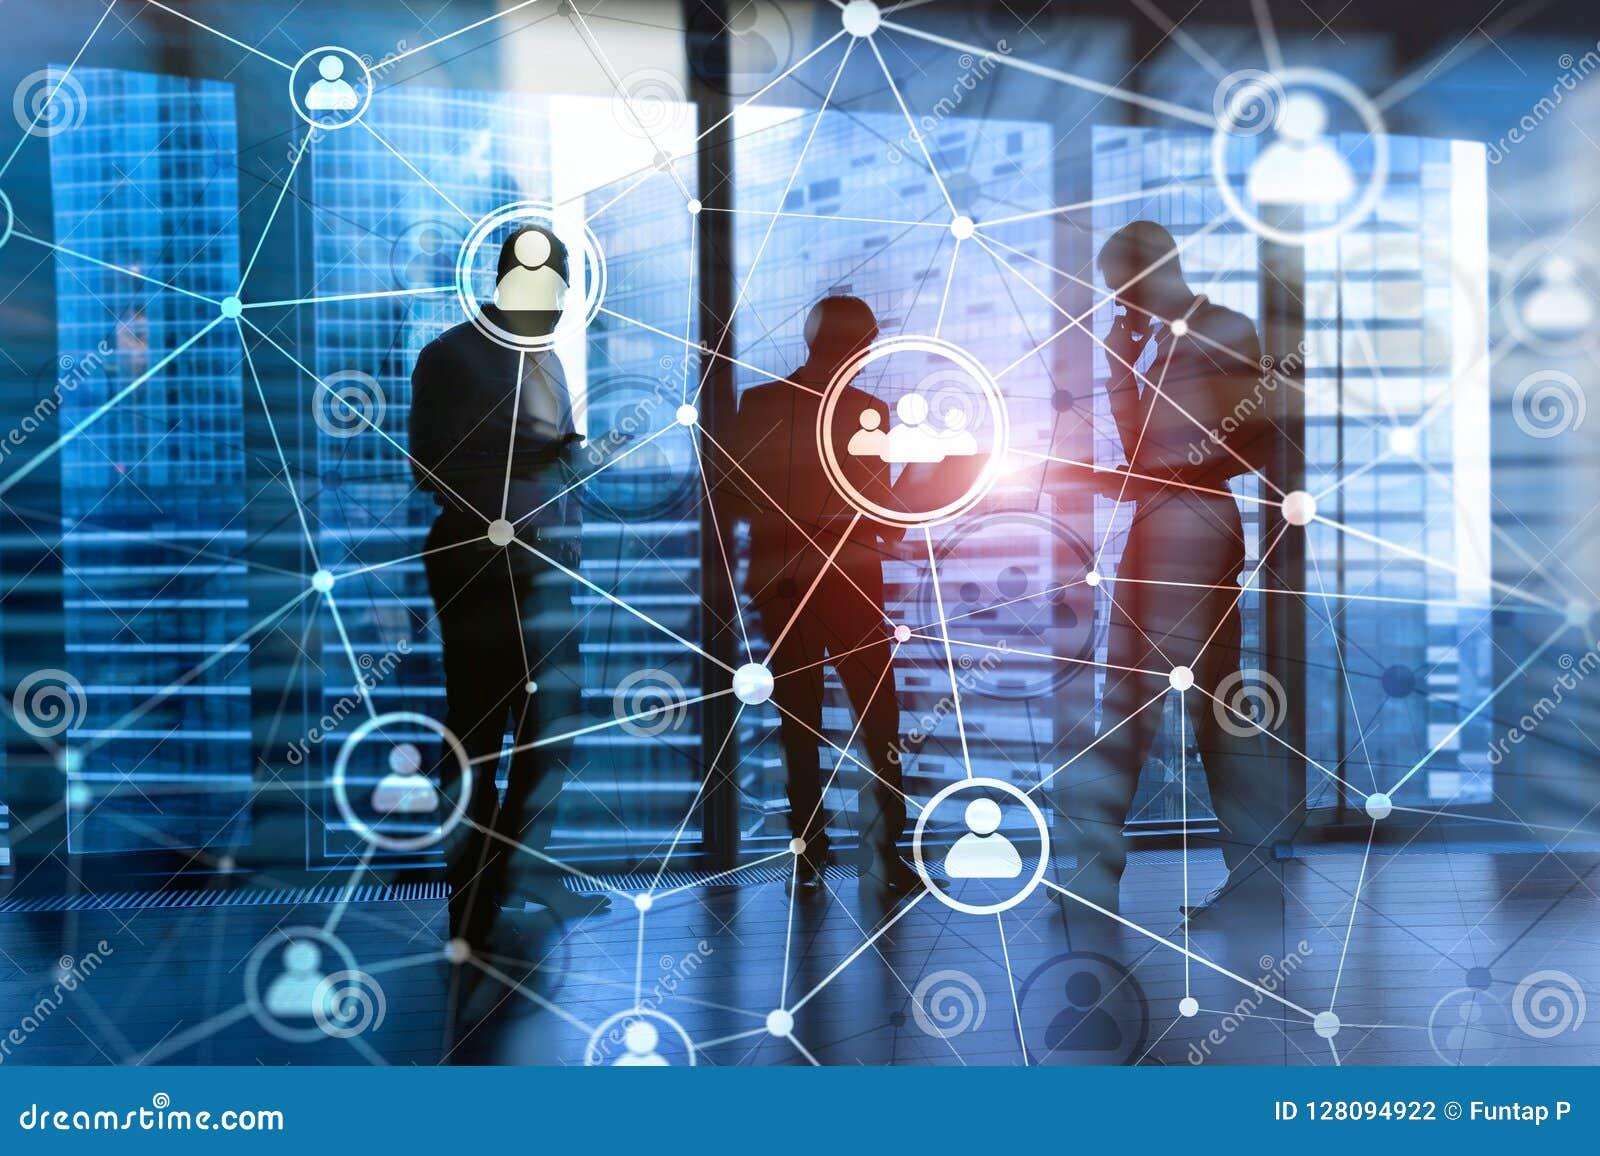 Διπλό δίκτυο structureà ¾ à ¾ ωρ. ανθρώπων έκθεσης - έννοια διαχείρισης και στρατολόγησης ανθρώπινων δυναμικών